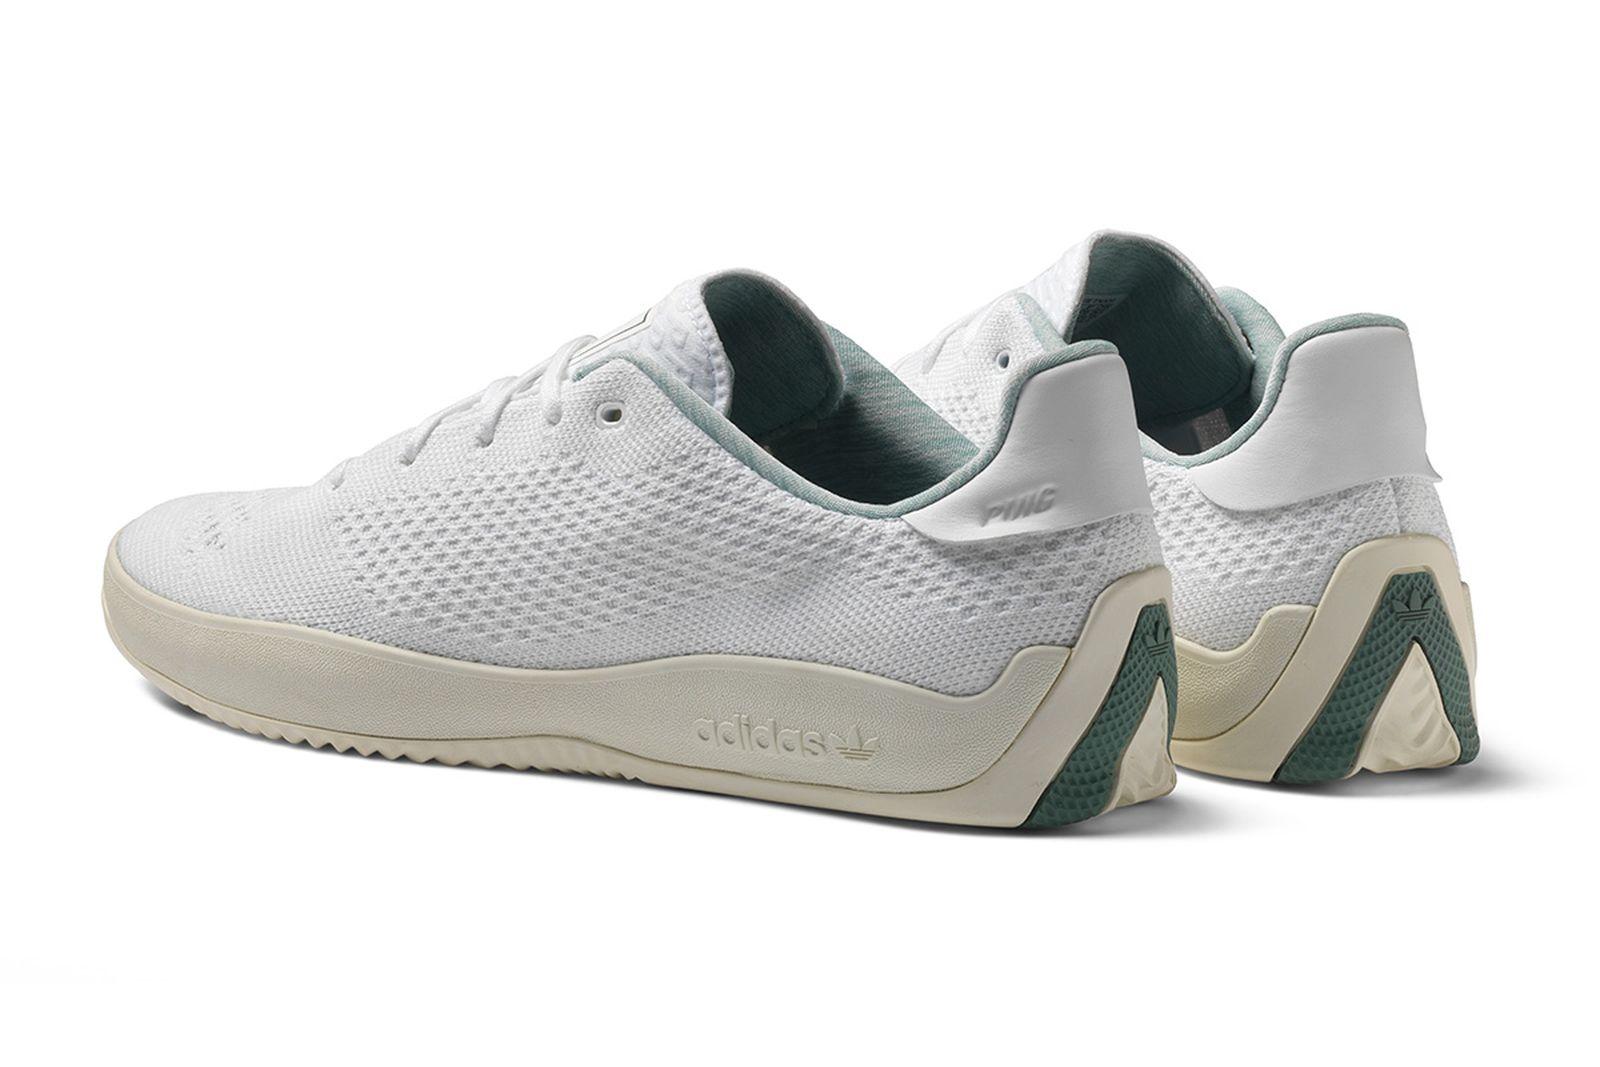 adidas-puig-pk-primeblue-release-date-price-08